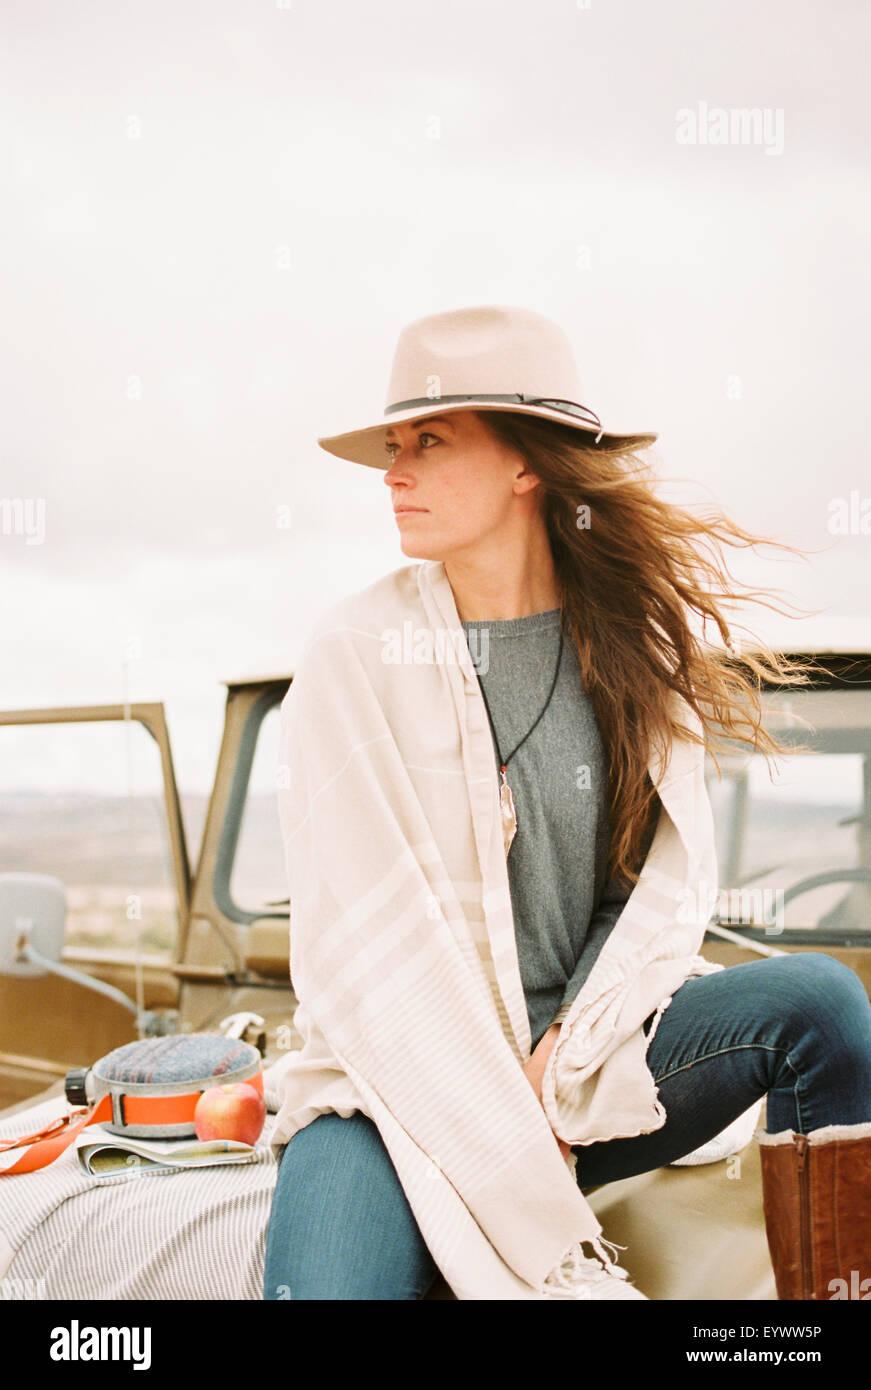 Frau trägt einen Hut sitzt auf der Vorderseite eines Jeeps auf der Suche um sie herum. Stockbild